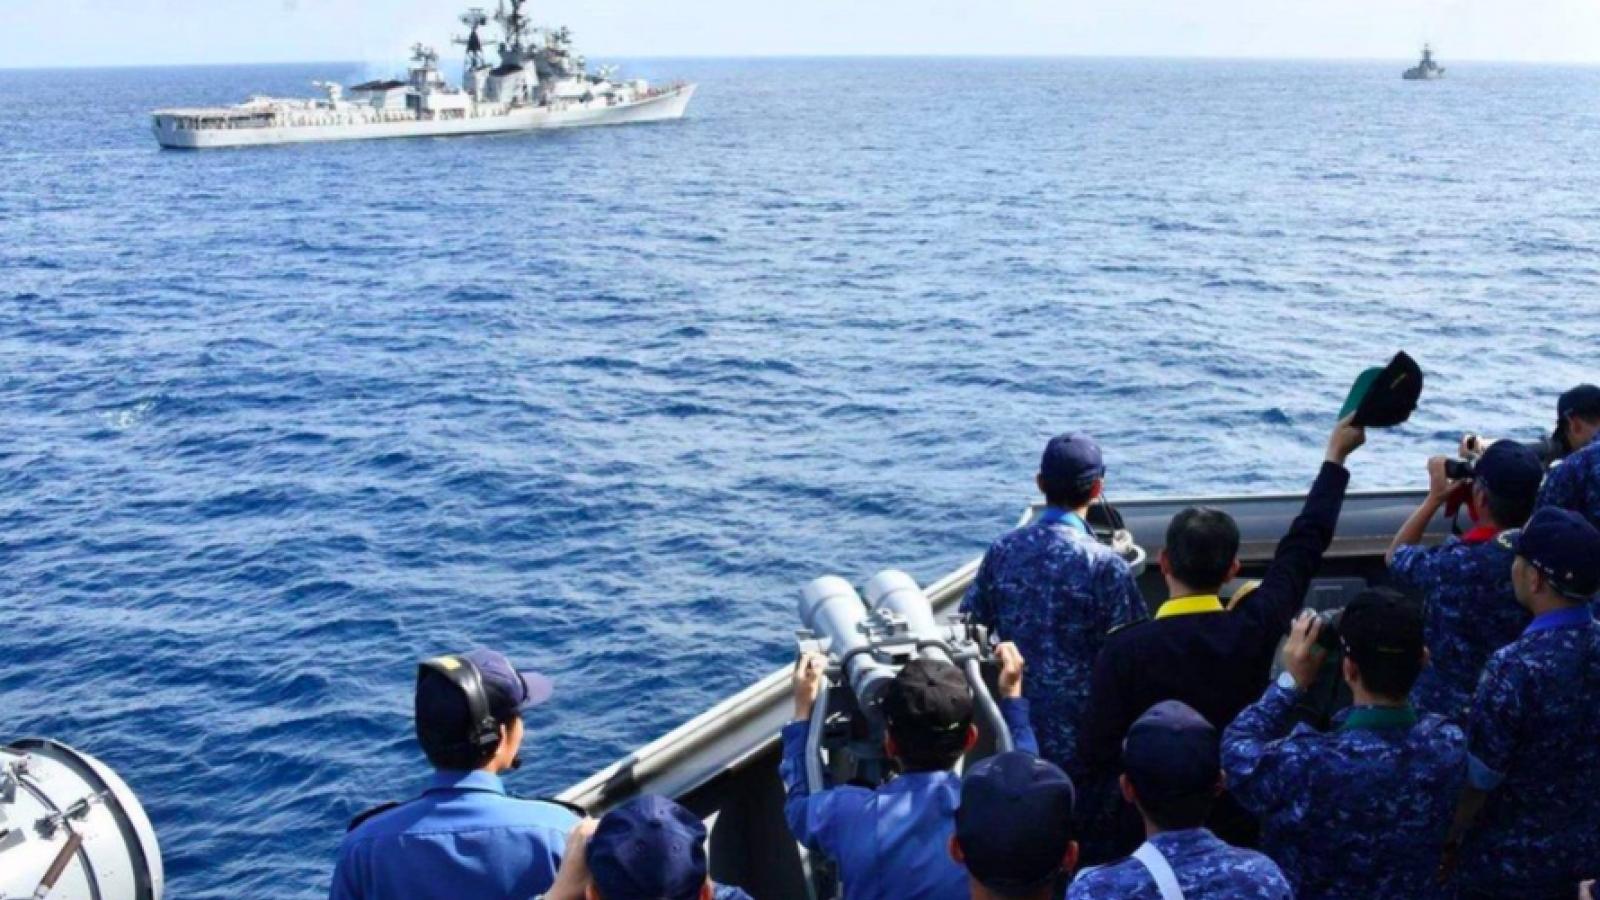 Nhóm Bộ Tứ tập trận chung với Pháp: Hé lộ kế hoạch đối phó Trung Quốc?